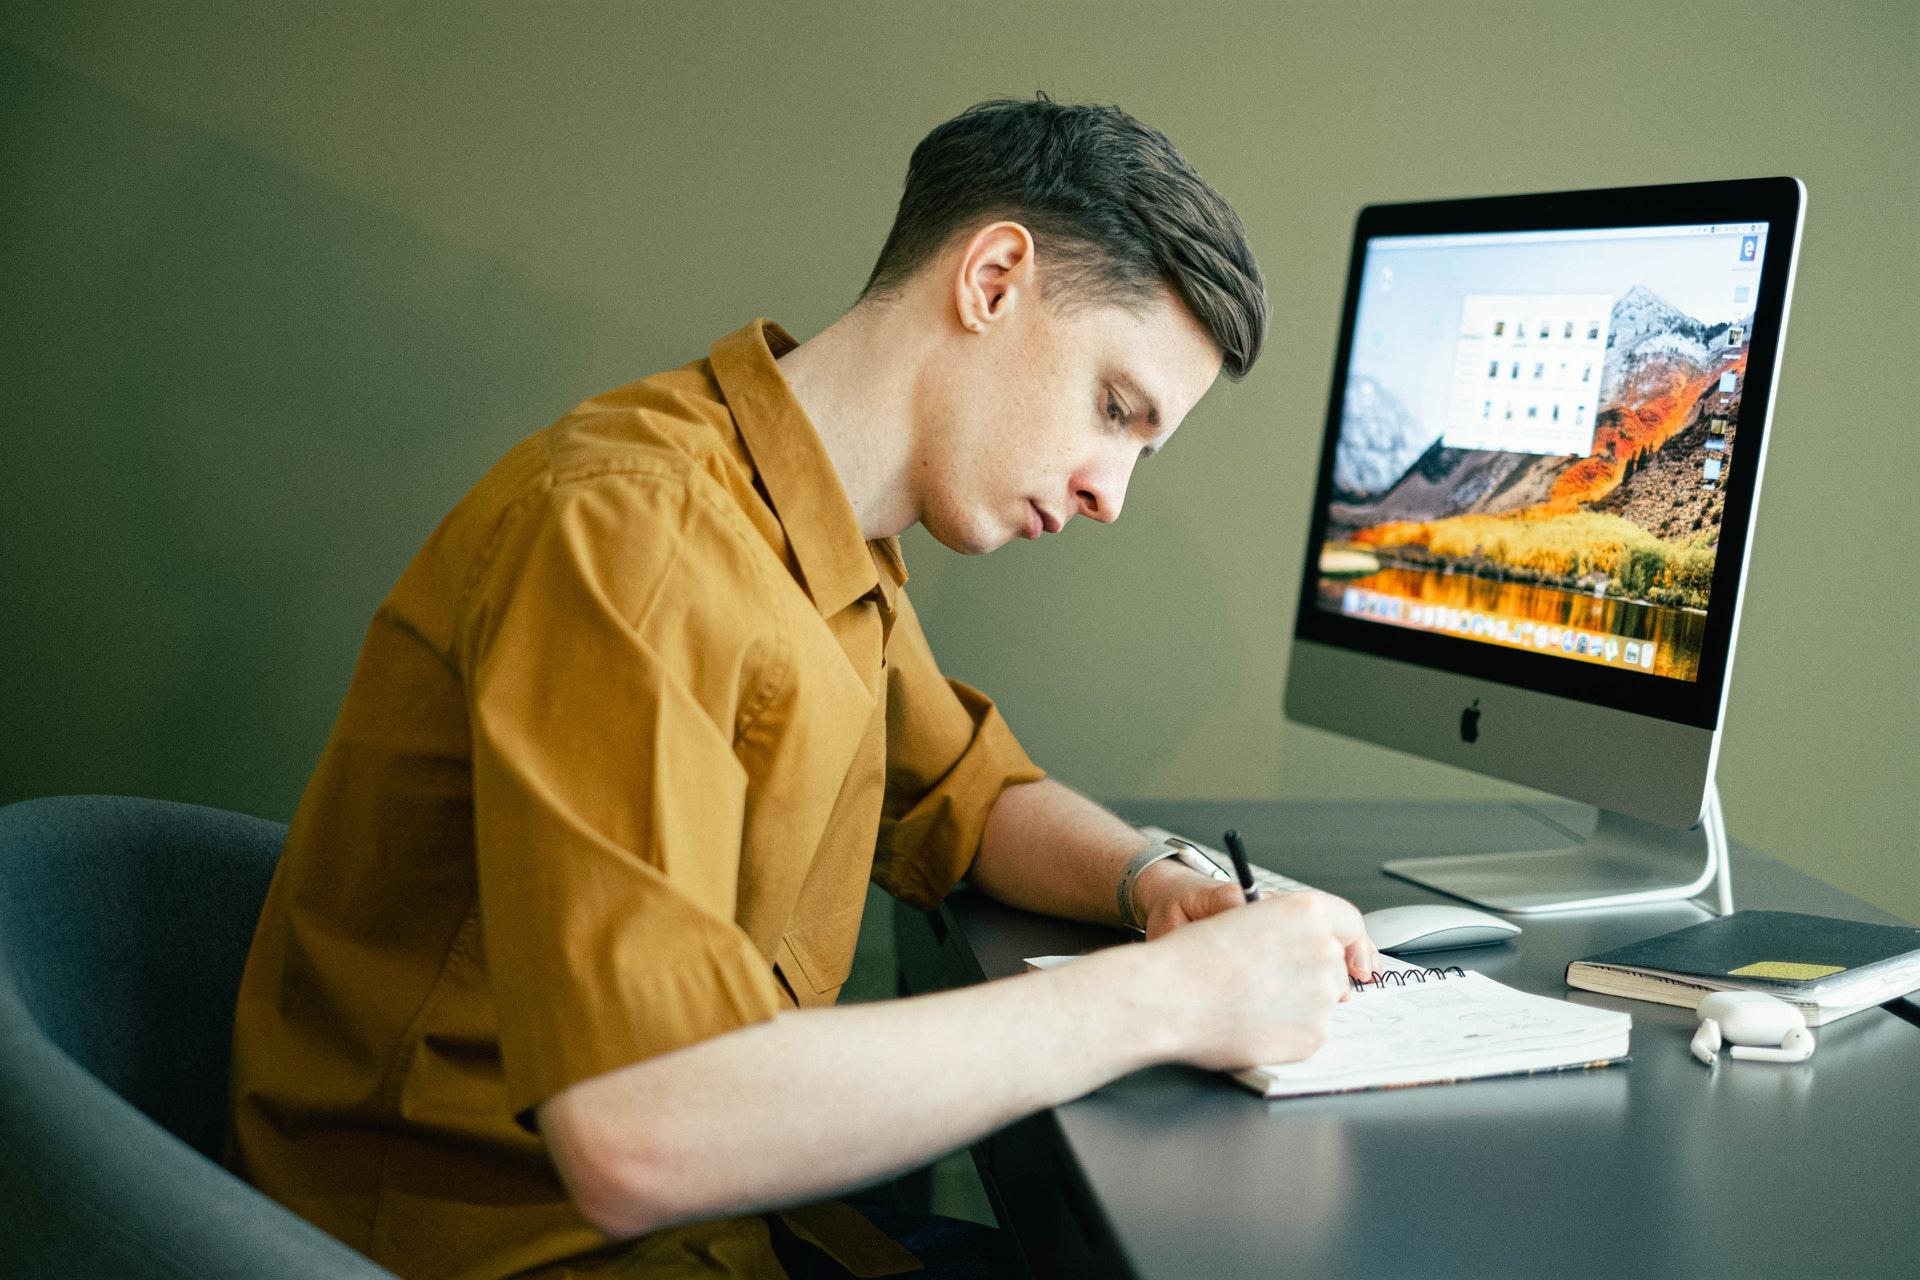 Vemos um homem anotando algo em um caderno; ele está à mesa, com um computador ao fundo (imagem ilustrativa). Texto: negócios home office.